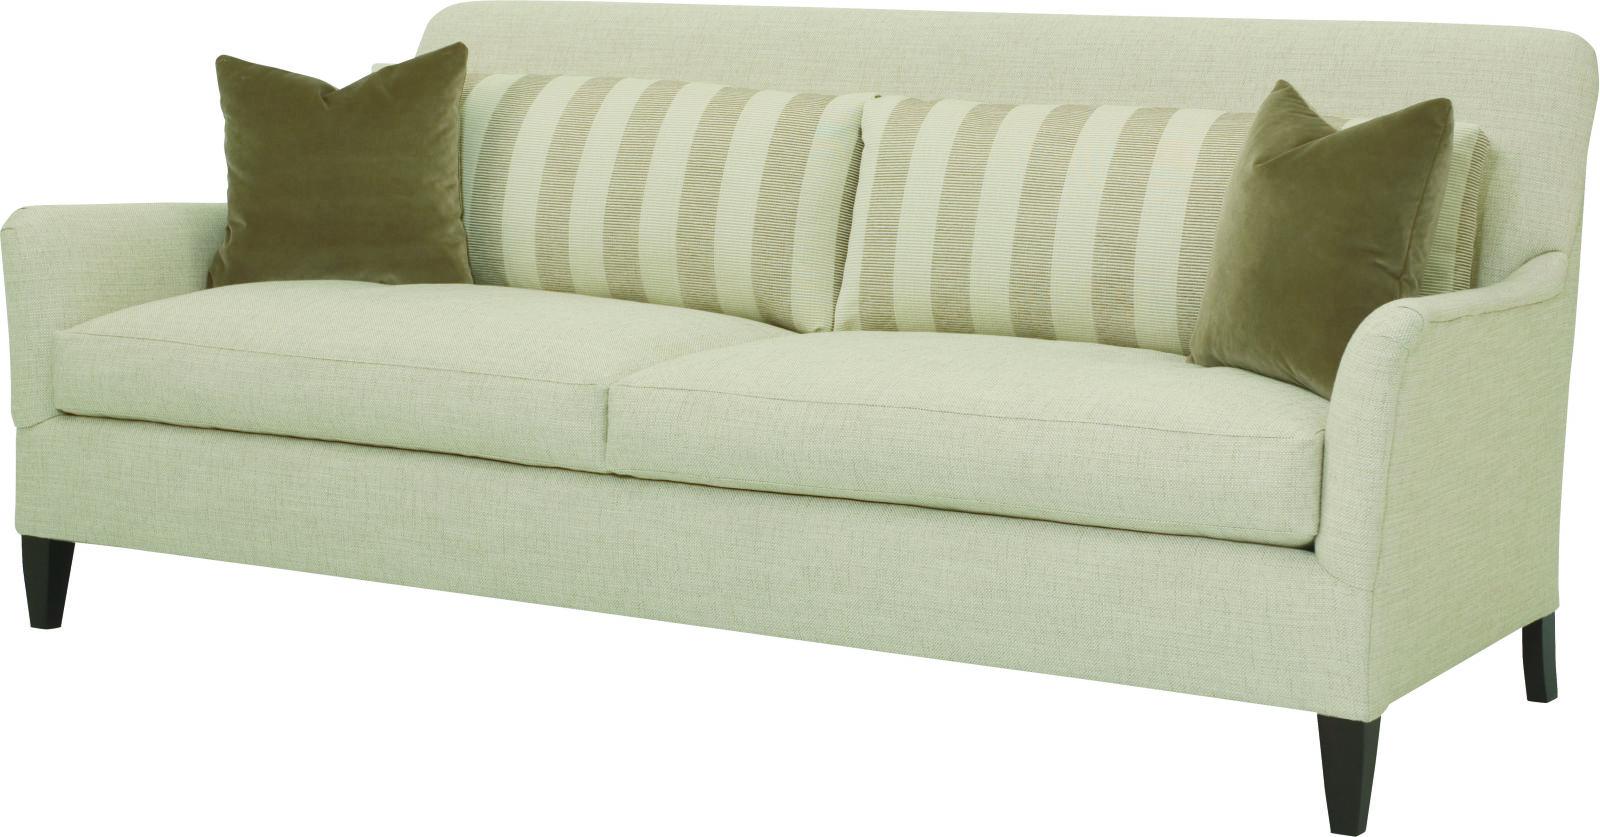 wesley hall sofas england sofa furniture hickory nc product page 1954